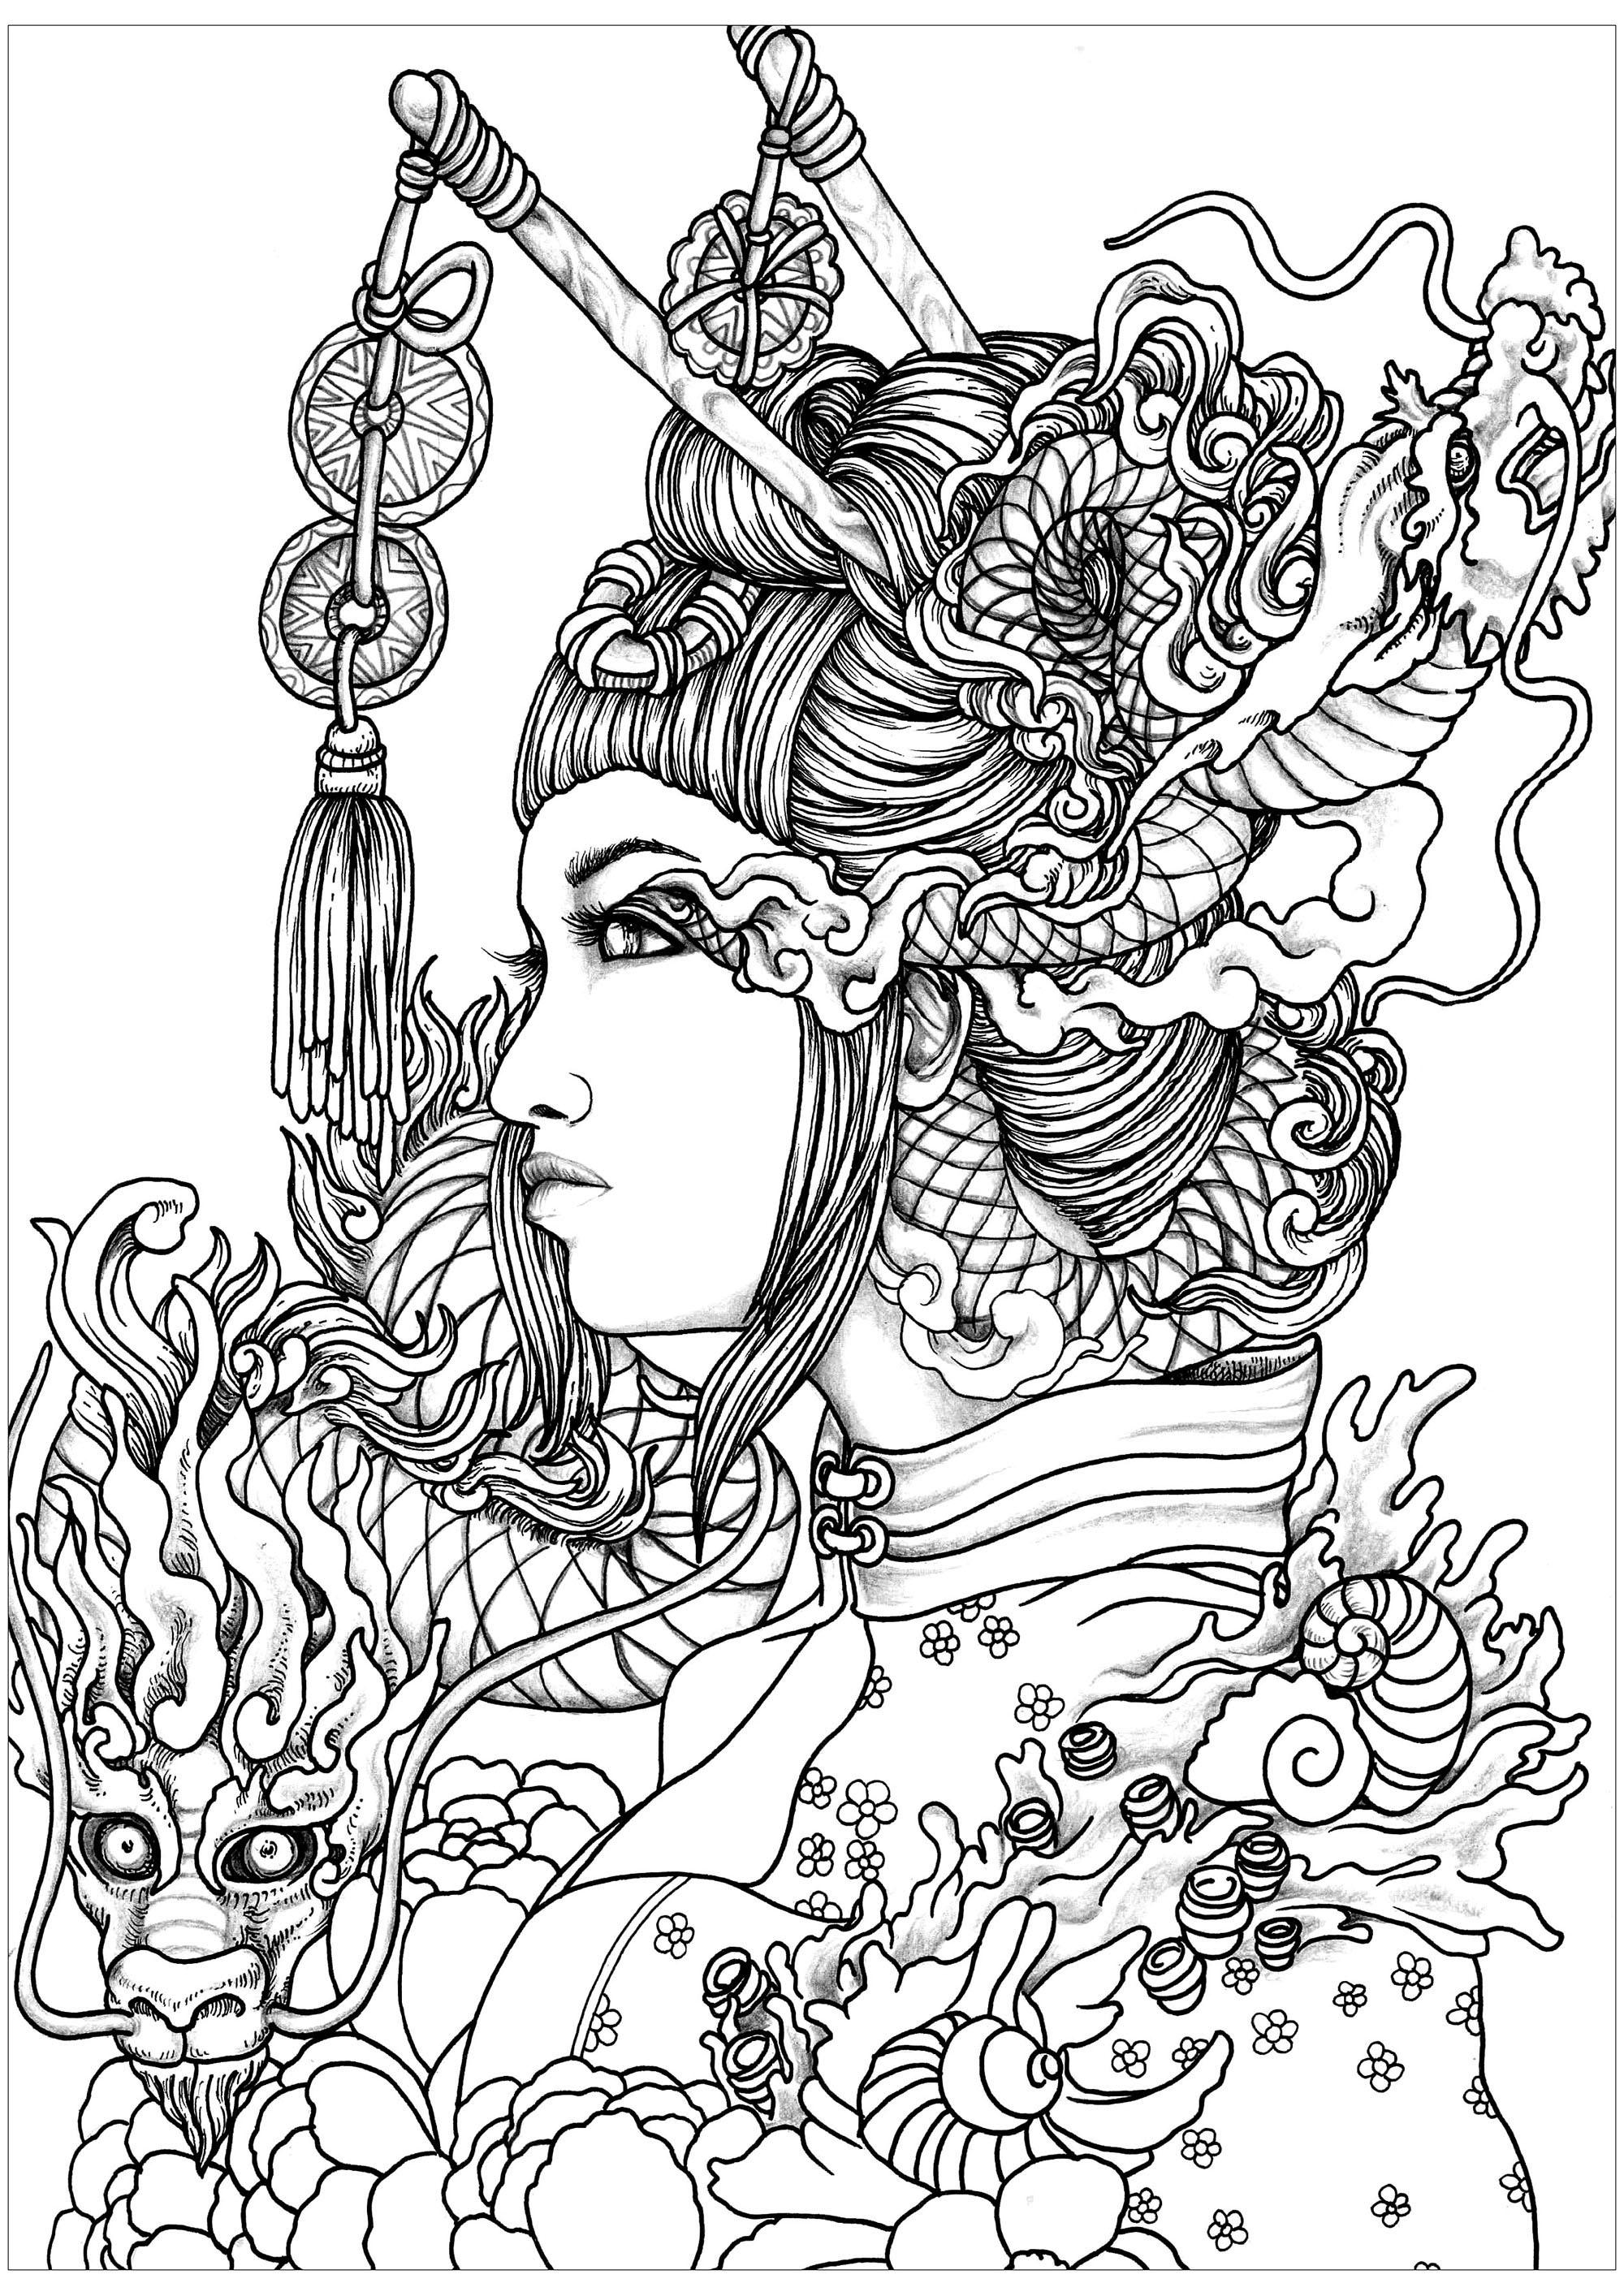 Femme Imahinasyon : Troisième personnage (Imahinasyon signifie Imagination en Tagalog : Le tagalog est une langue régionale, qui se parle essentiellement en Asie du Sud-Est et particulièrement aux Philippines)